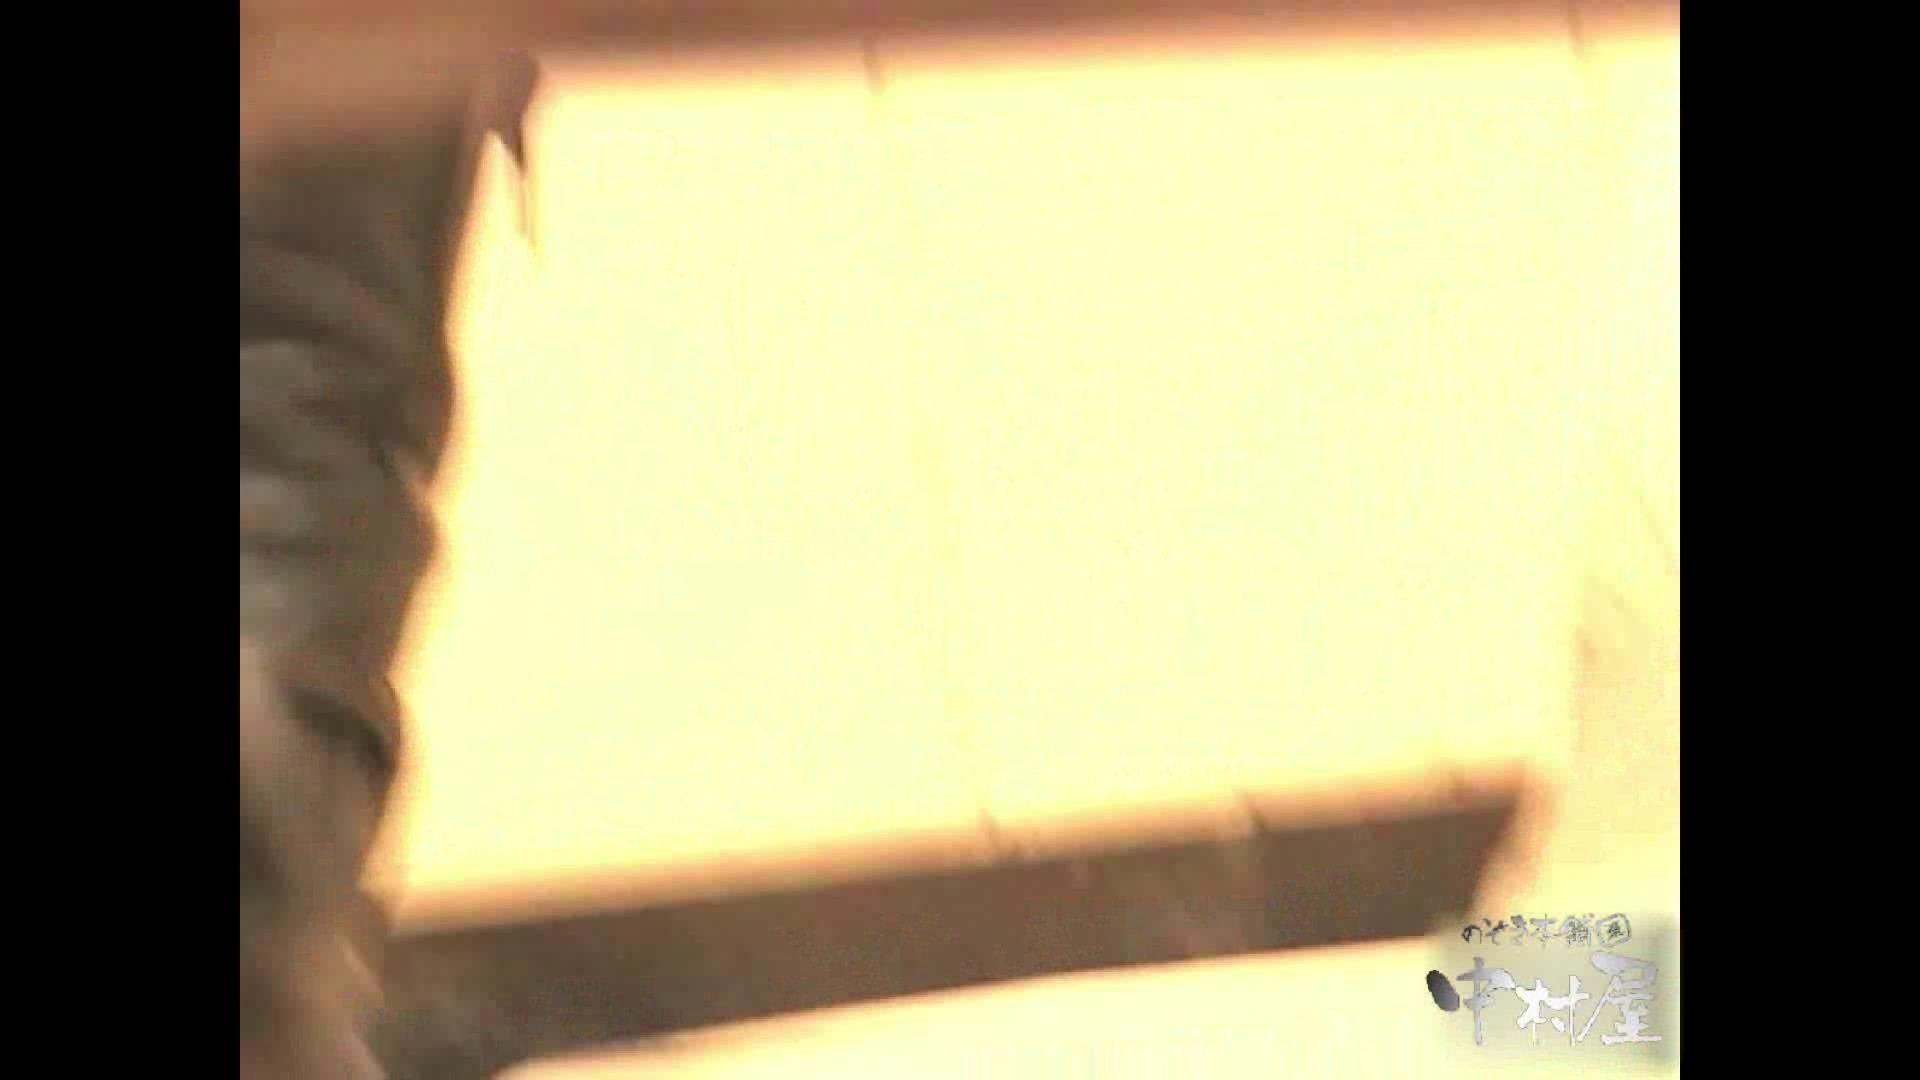 岩手県在住盗撮師盗撮記録vol.01 盗撮師作品 性交動画流出 98pic 11